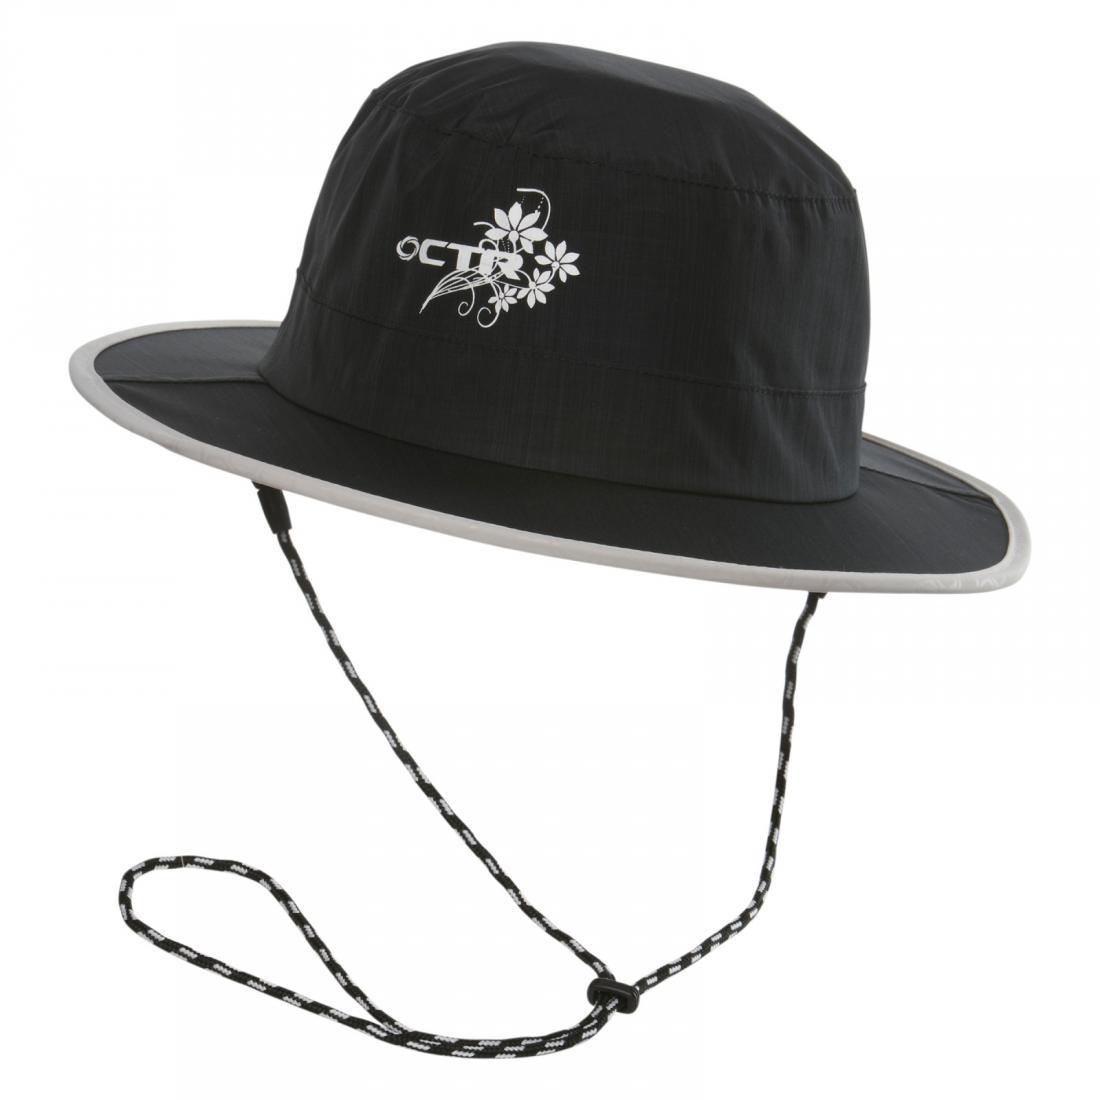 Панама Chaos  Stratus Bucket Hat (женс)Панамы<br><br> Женская панама Chaos Stratus Bucket Hat привлекает внимание сочными оттенками и небольшим элегантным принтом. Она станет верной спутницей в путешествиях и незаменимой помощницей в любую погоду. Эта модель одинаково хорошо защищает от ярких солнечны...<br><br>Цвет: Черный<br>Размер: L-XL